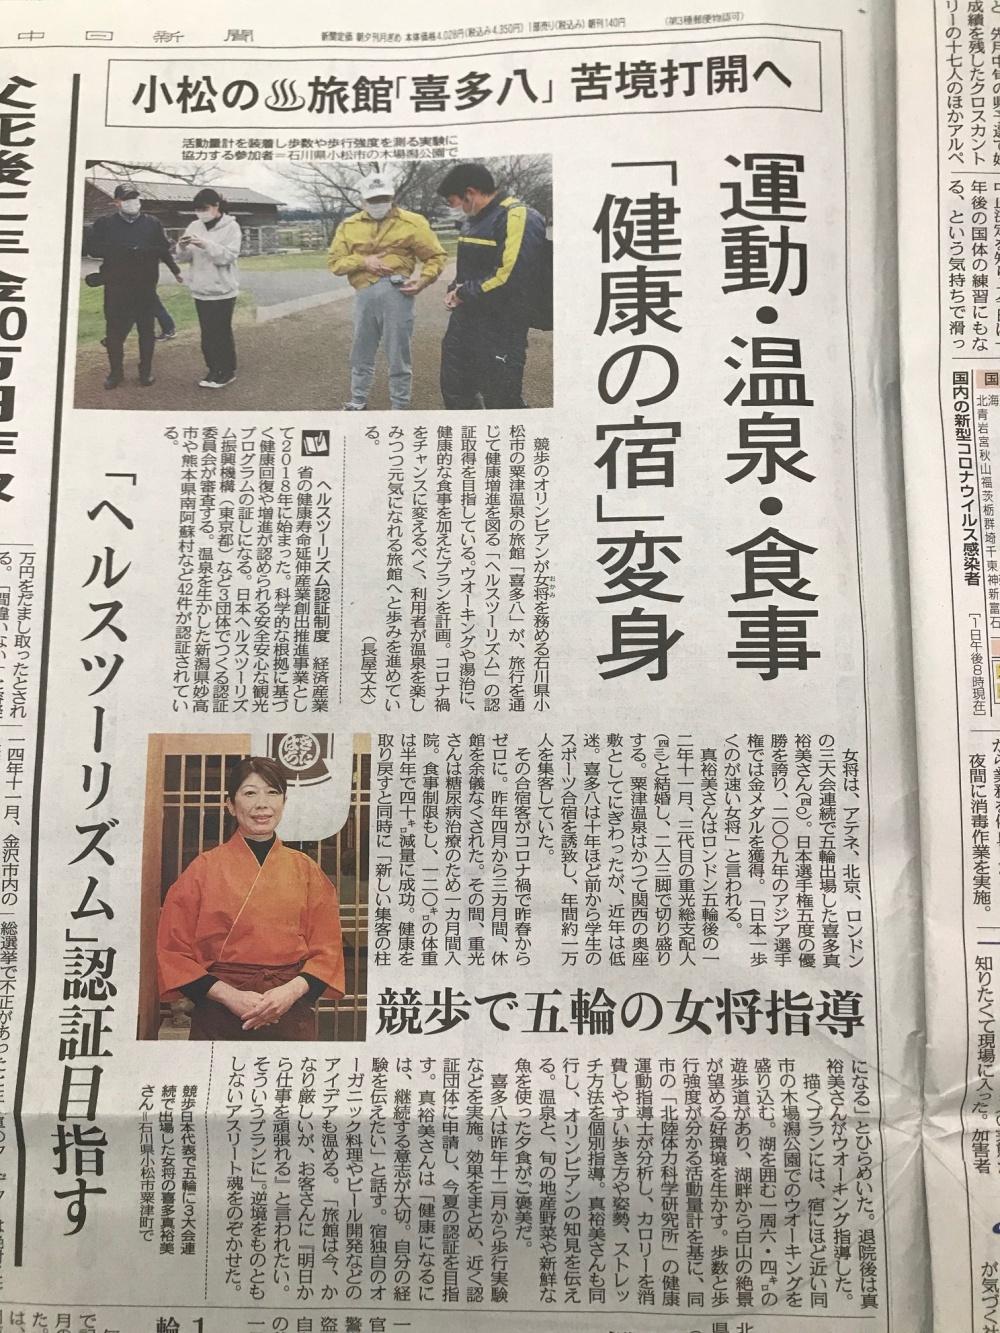 2021年2月2日 北陸中日新聞朝刊 ヘルスツーリズム